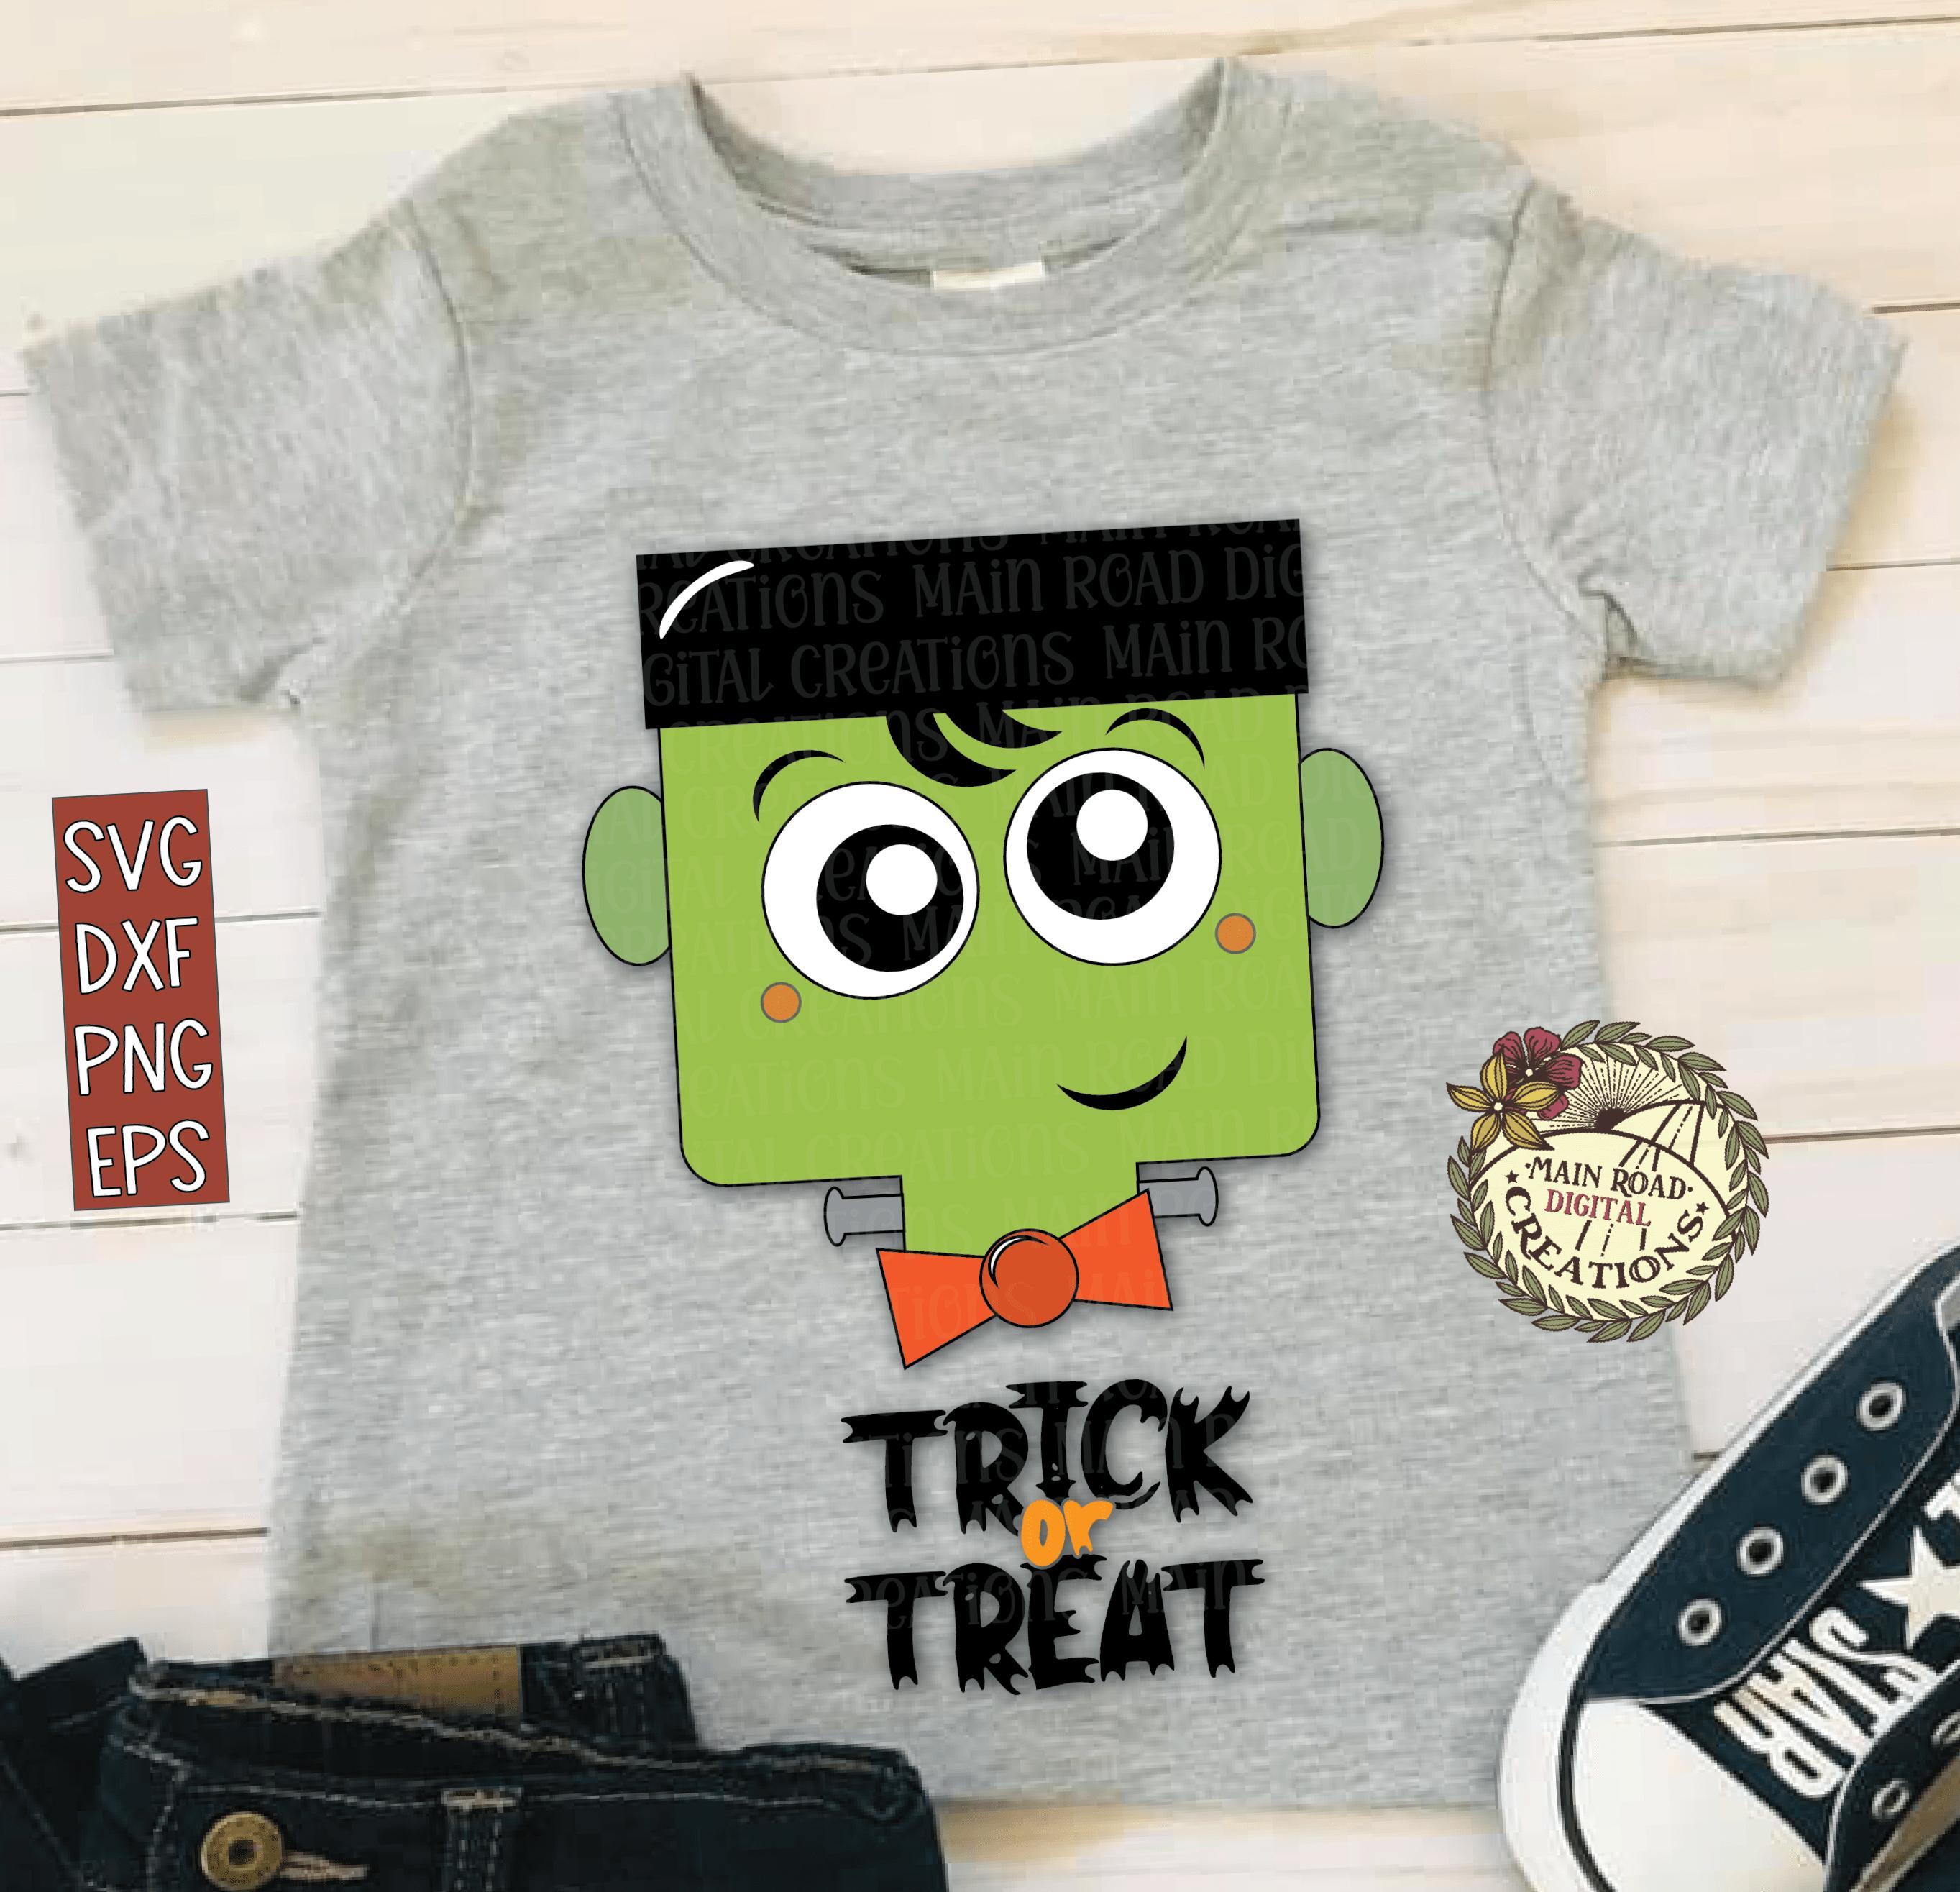 cute frankenstien design for kids, trick or treat cut file, Halloween design for trick-or-treat bag, Halloween SVG